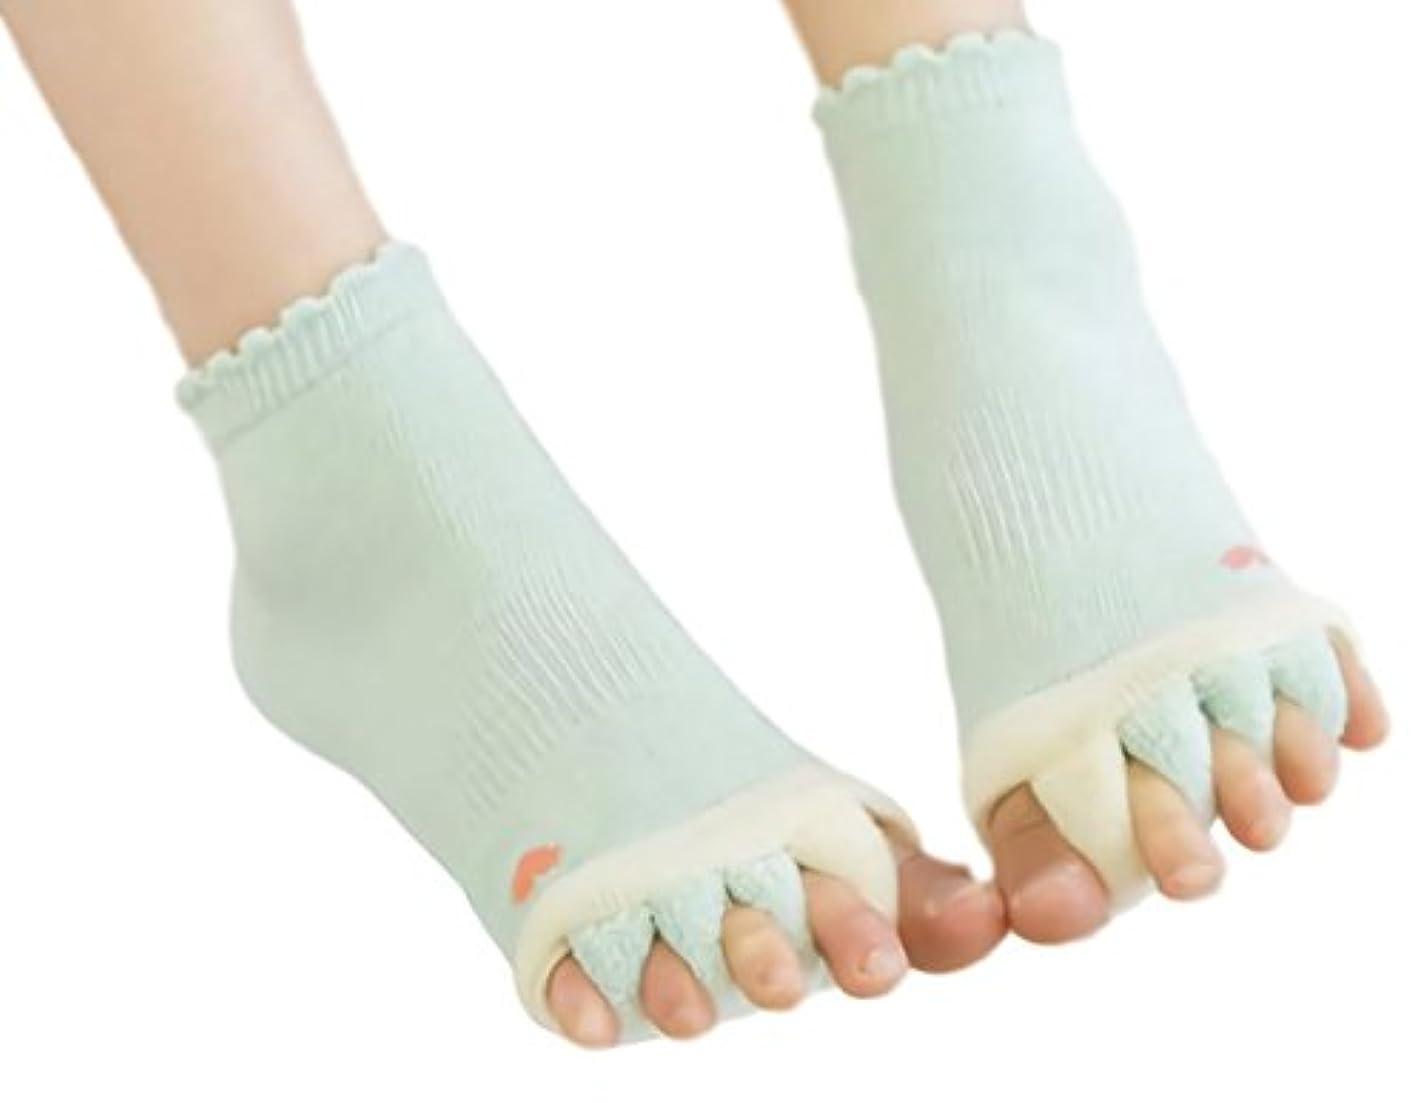 たるみジャム繊維[ウレギッシュ] ソックス 足指全開 5本指 ストレス 解消 くつろぎ ルームソックス